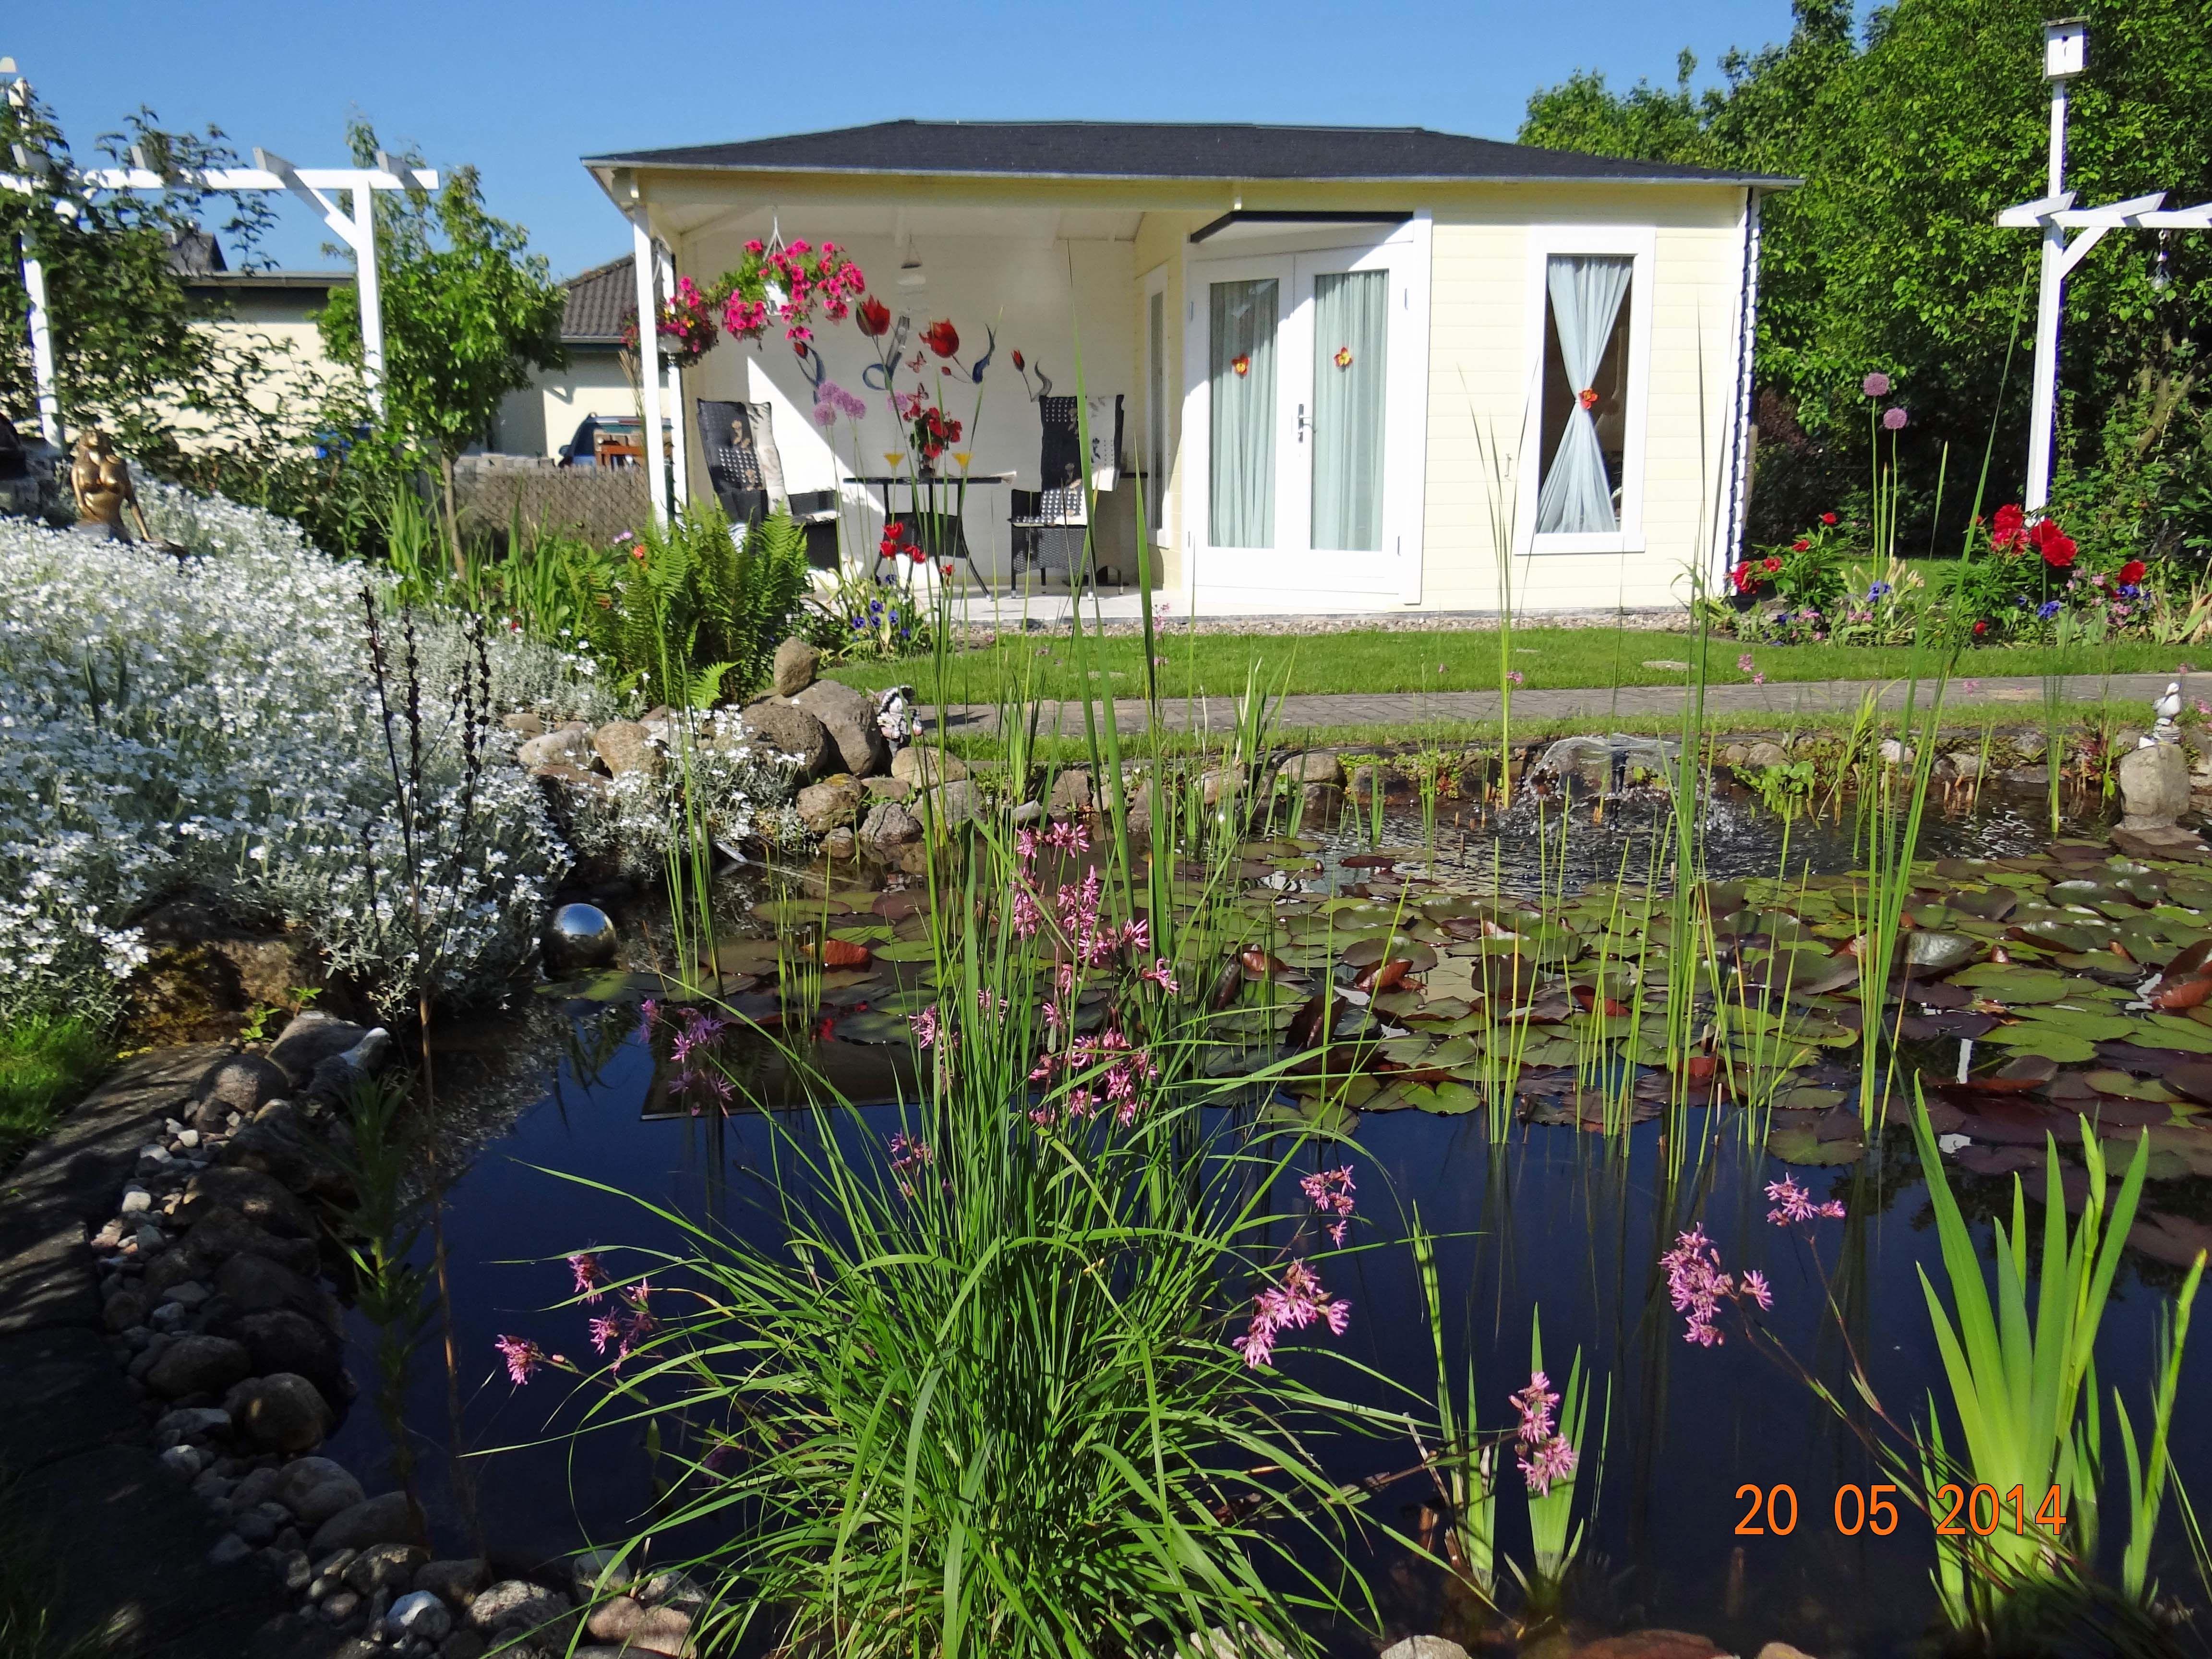 Ein Ort zur Entspannung: Großer Gartenteich und schnuckeliges